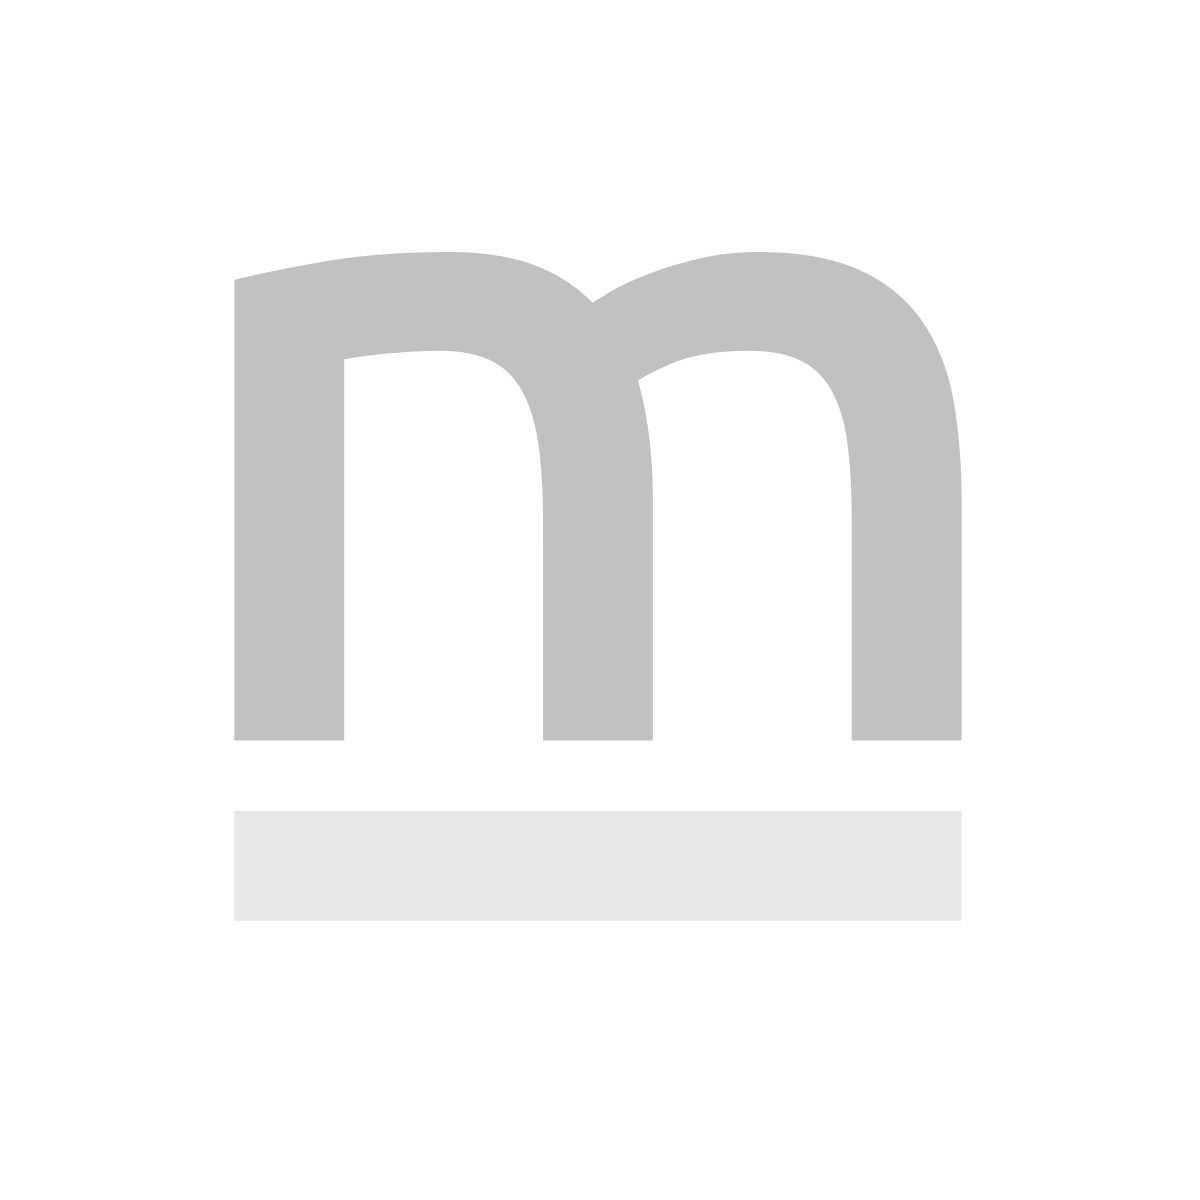 Obraz na korku - Kolorowe państwa [Mapa korkowa]